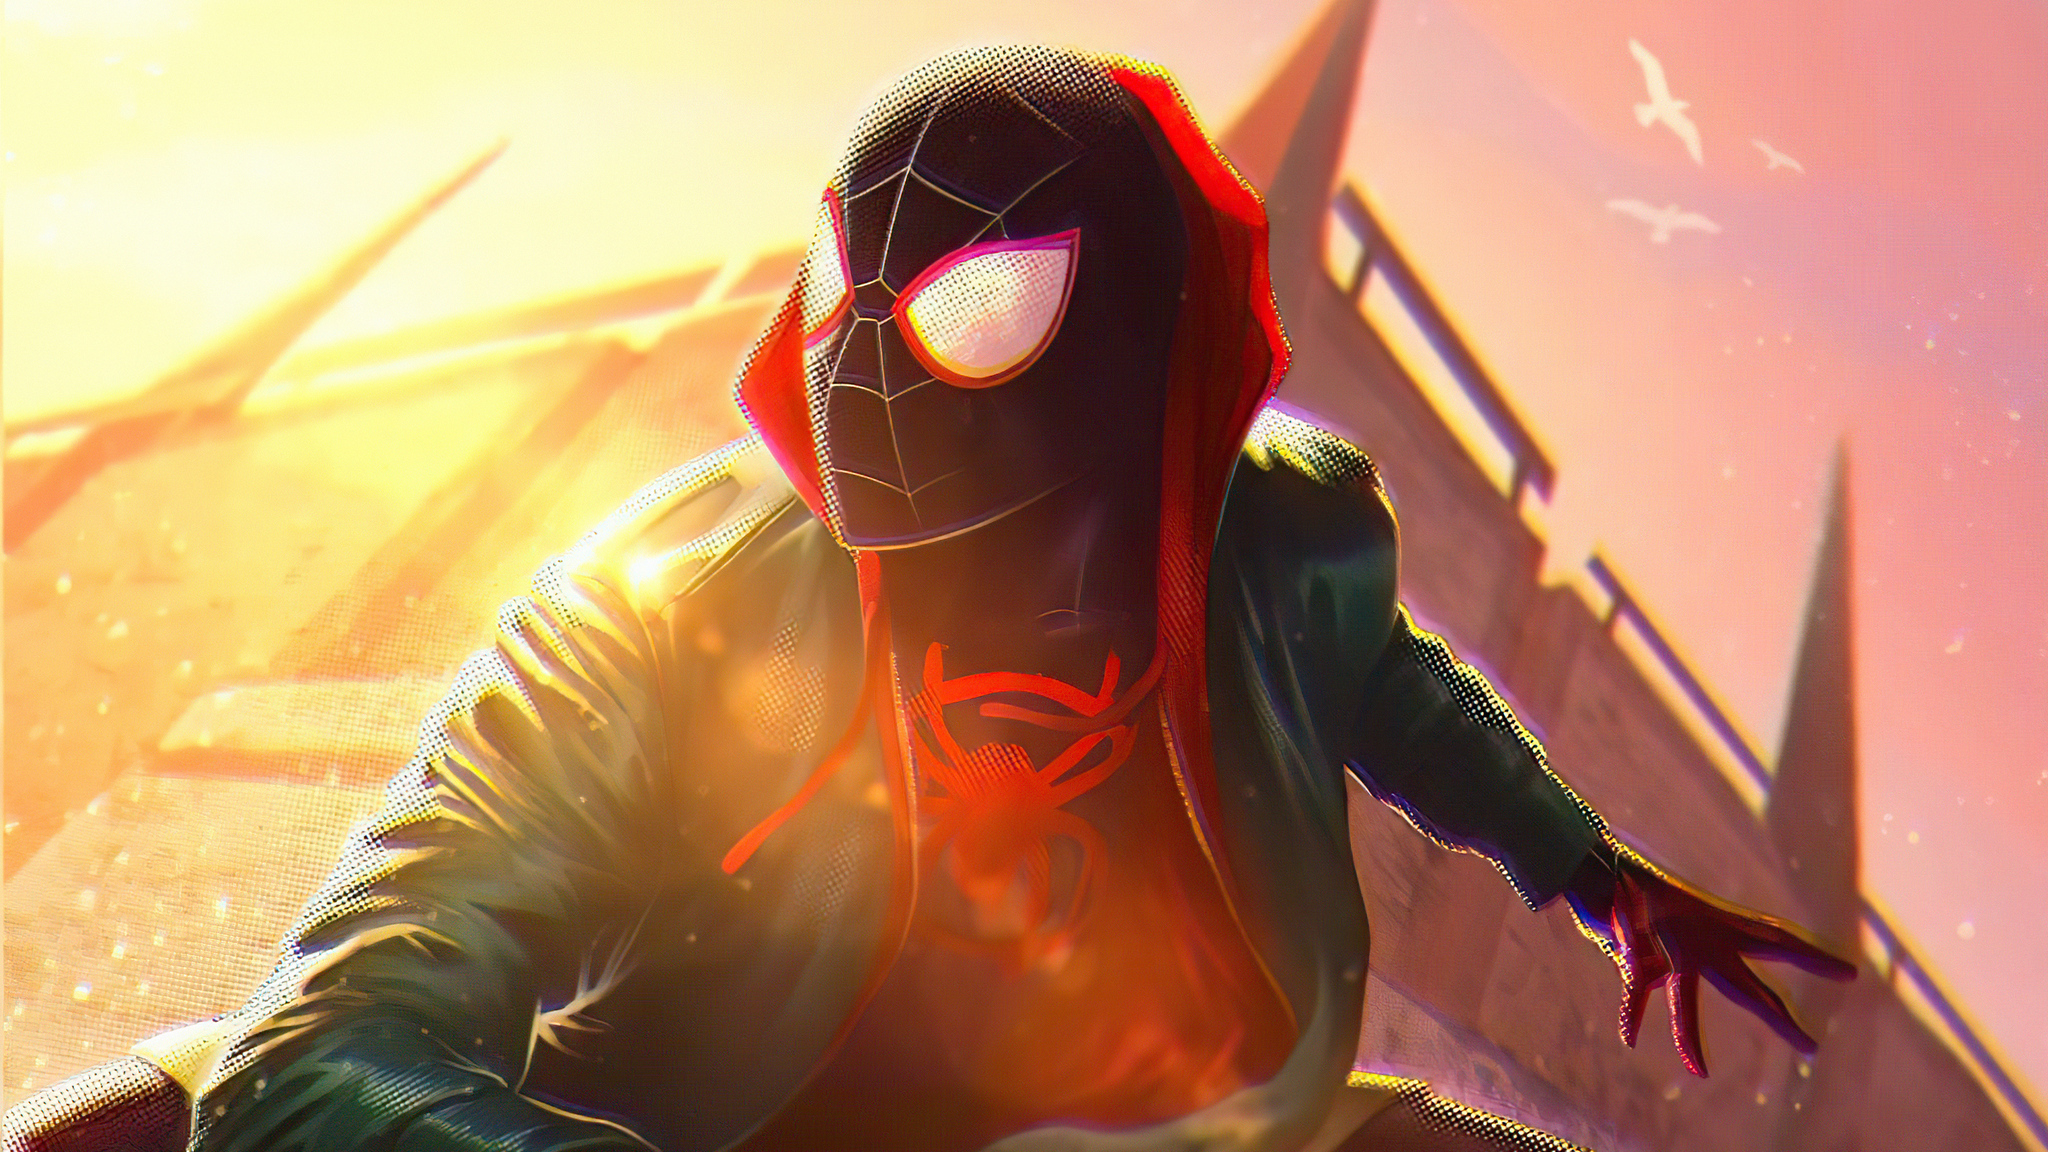 spiderman-miles-morales-ps5-video-game-4k-56.jpg